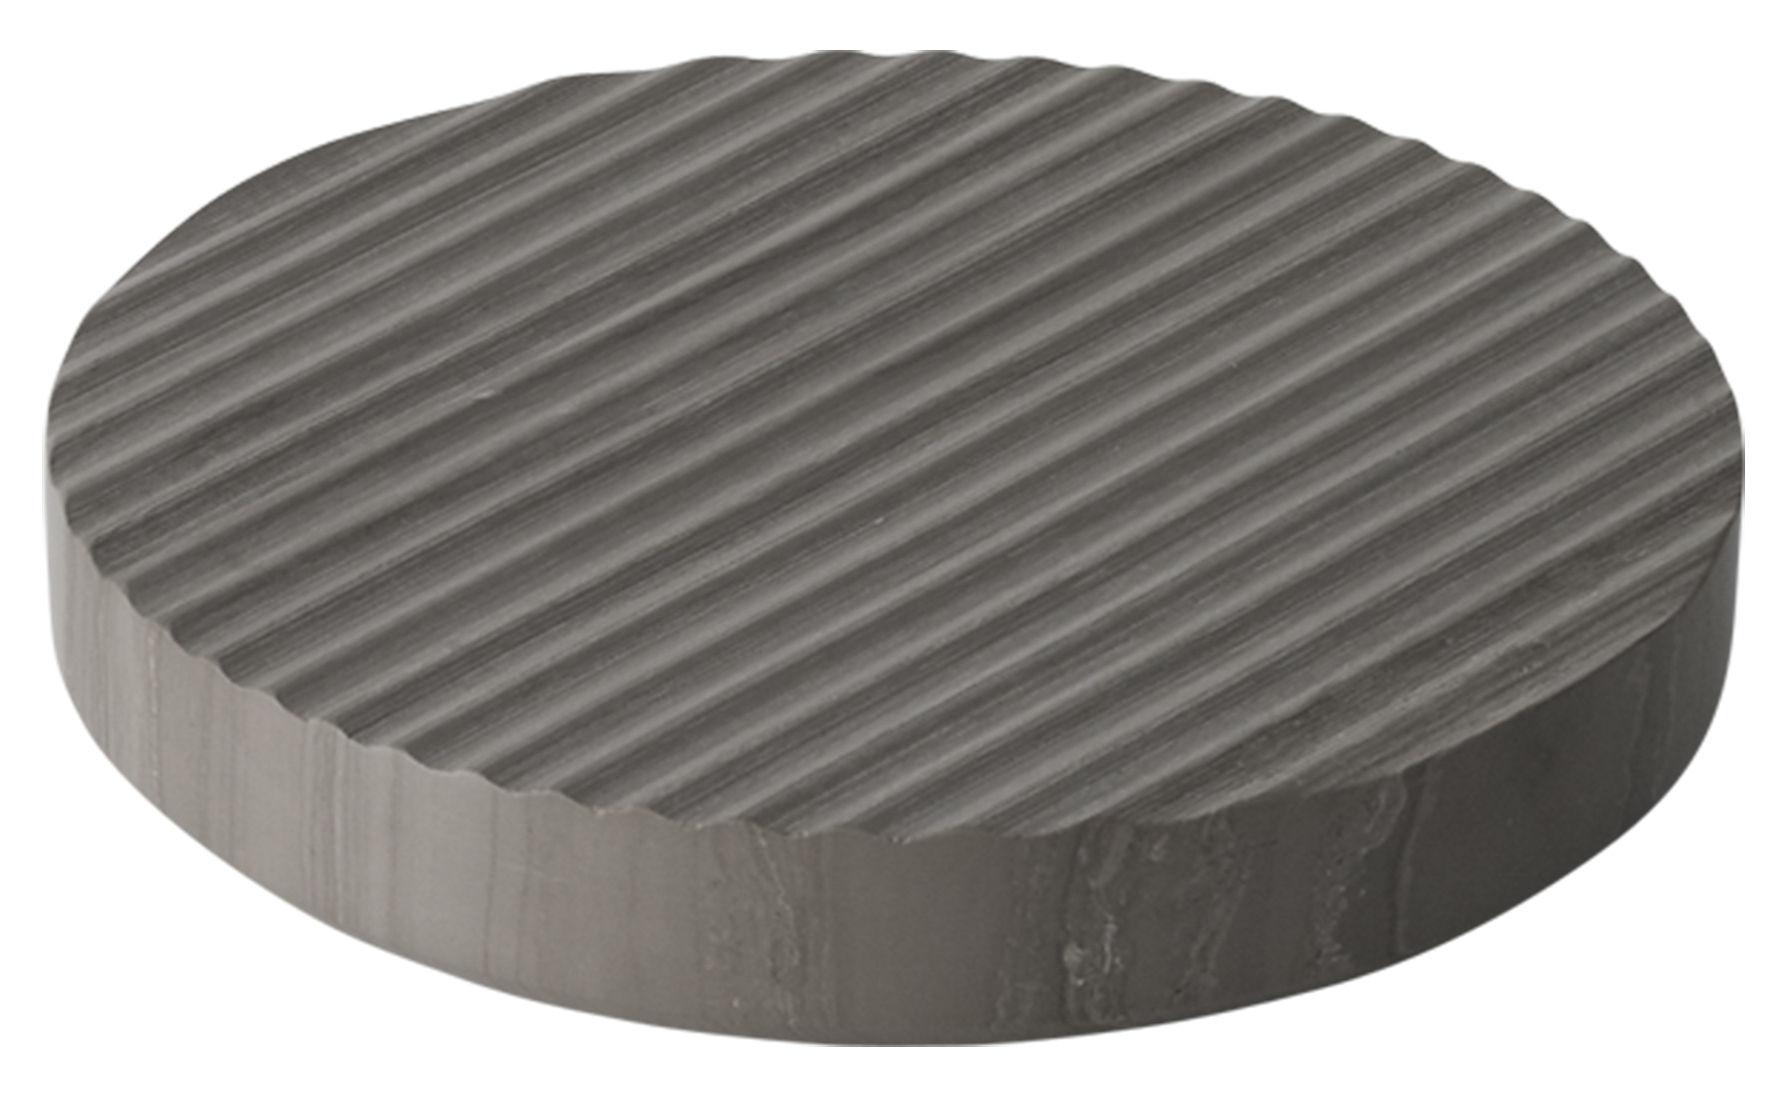 Arts de la table - Dessous de plat - Dessous de plat Groove / Small  Ø 16 cm - Marbre - Muuto - Gris - Marbre